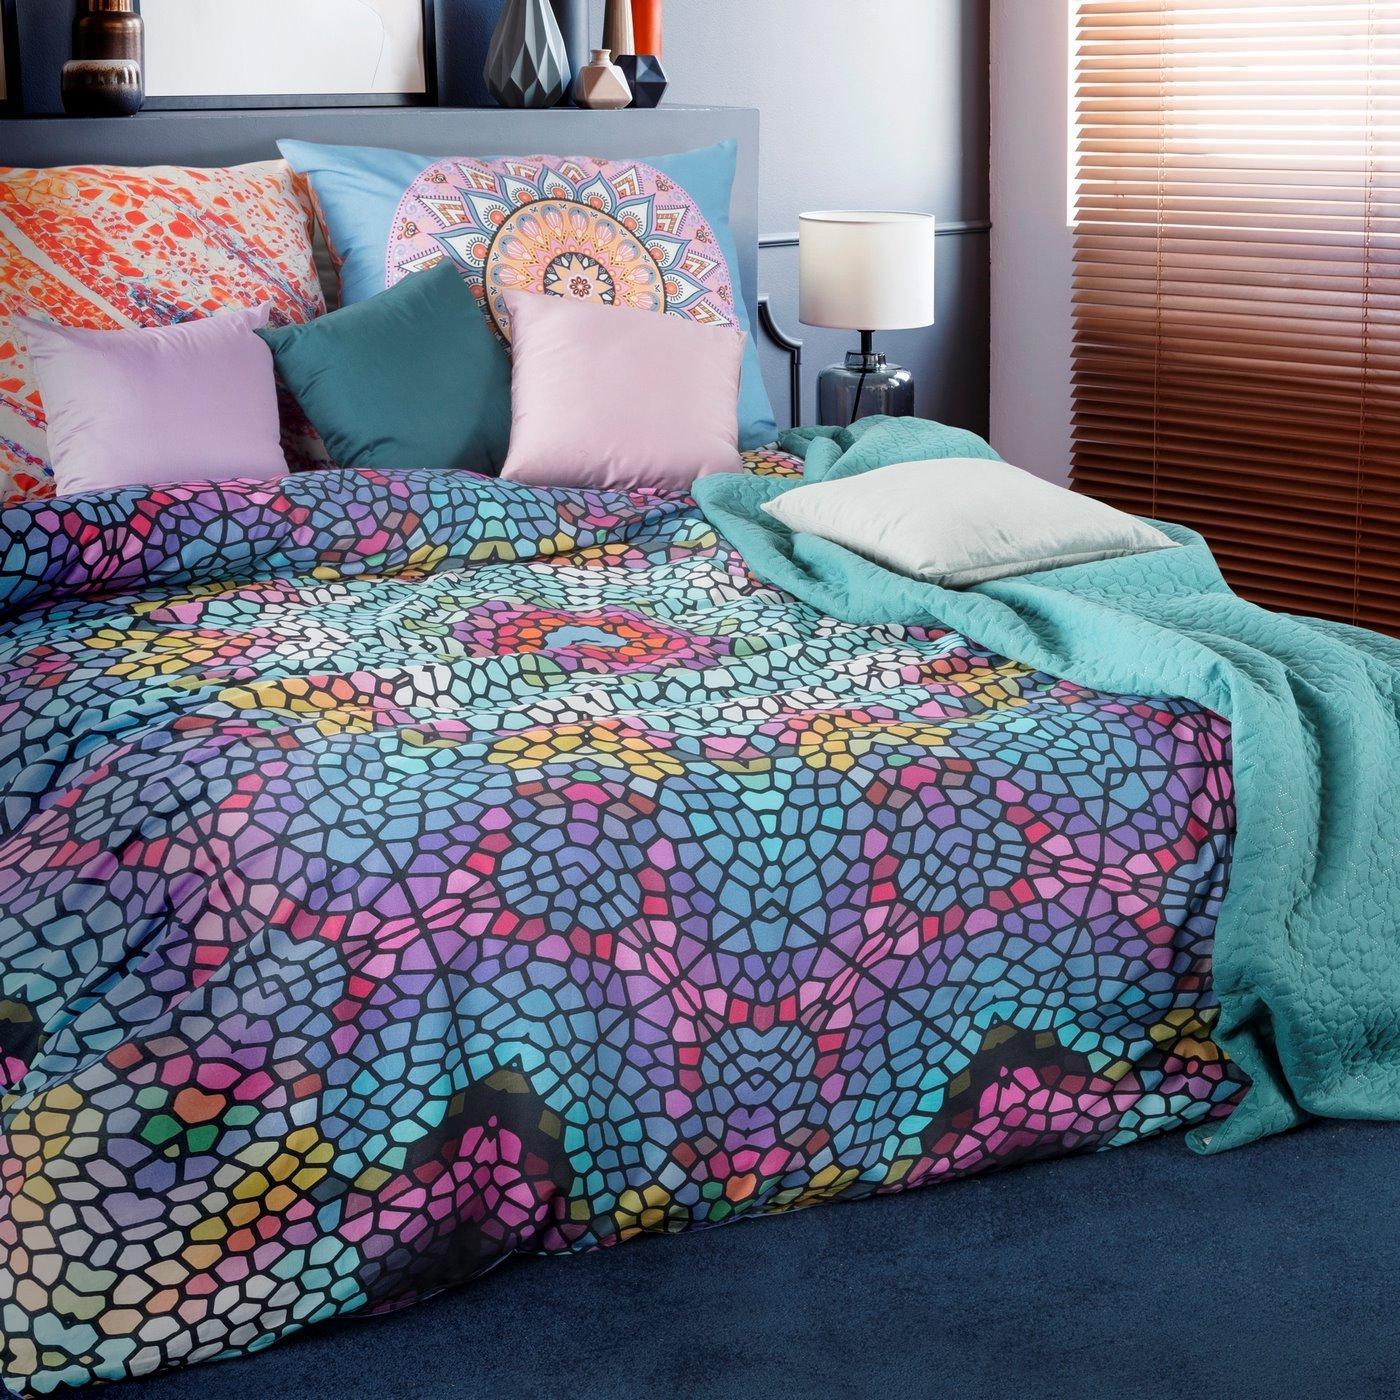 Komplet pościeli z bawełny hiszpańskiej 160 x 200 cm, 2 szt. 70 x 80 mozaikowy wzór hiszpańska bawełna